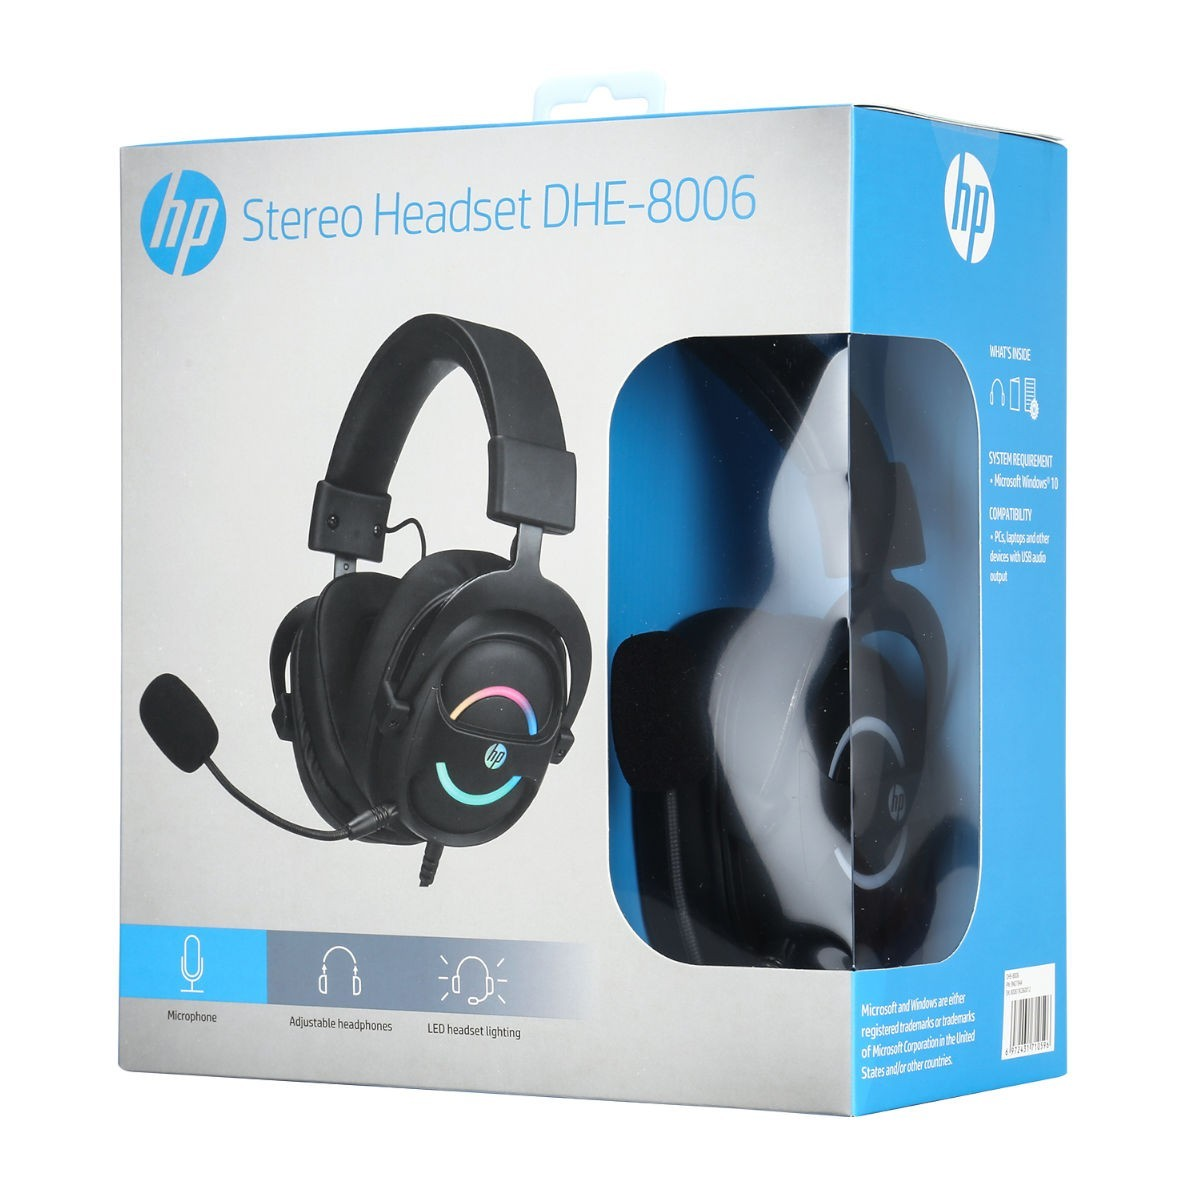 Headset Gamer HP DHE-8006, 7.1 Surround, USB, Black, DHE-8006